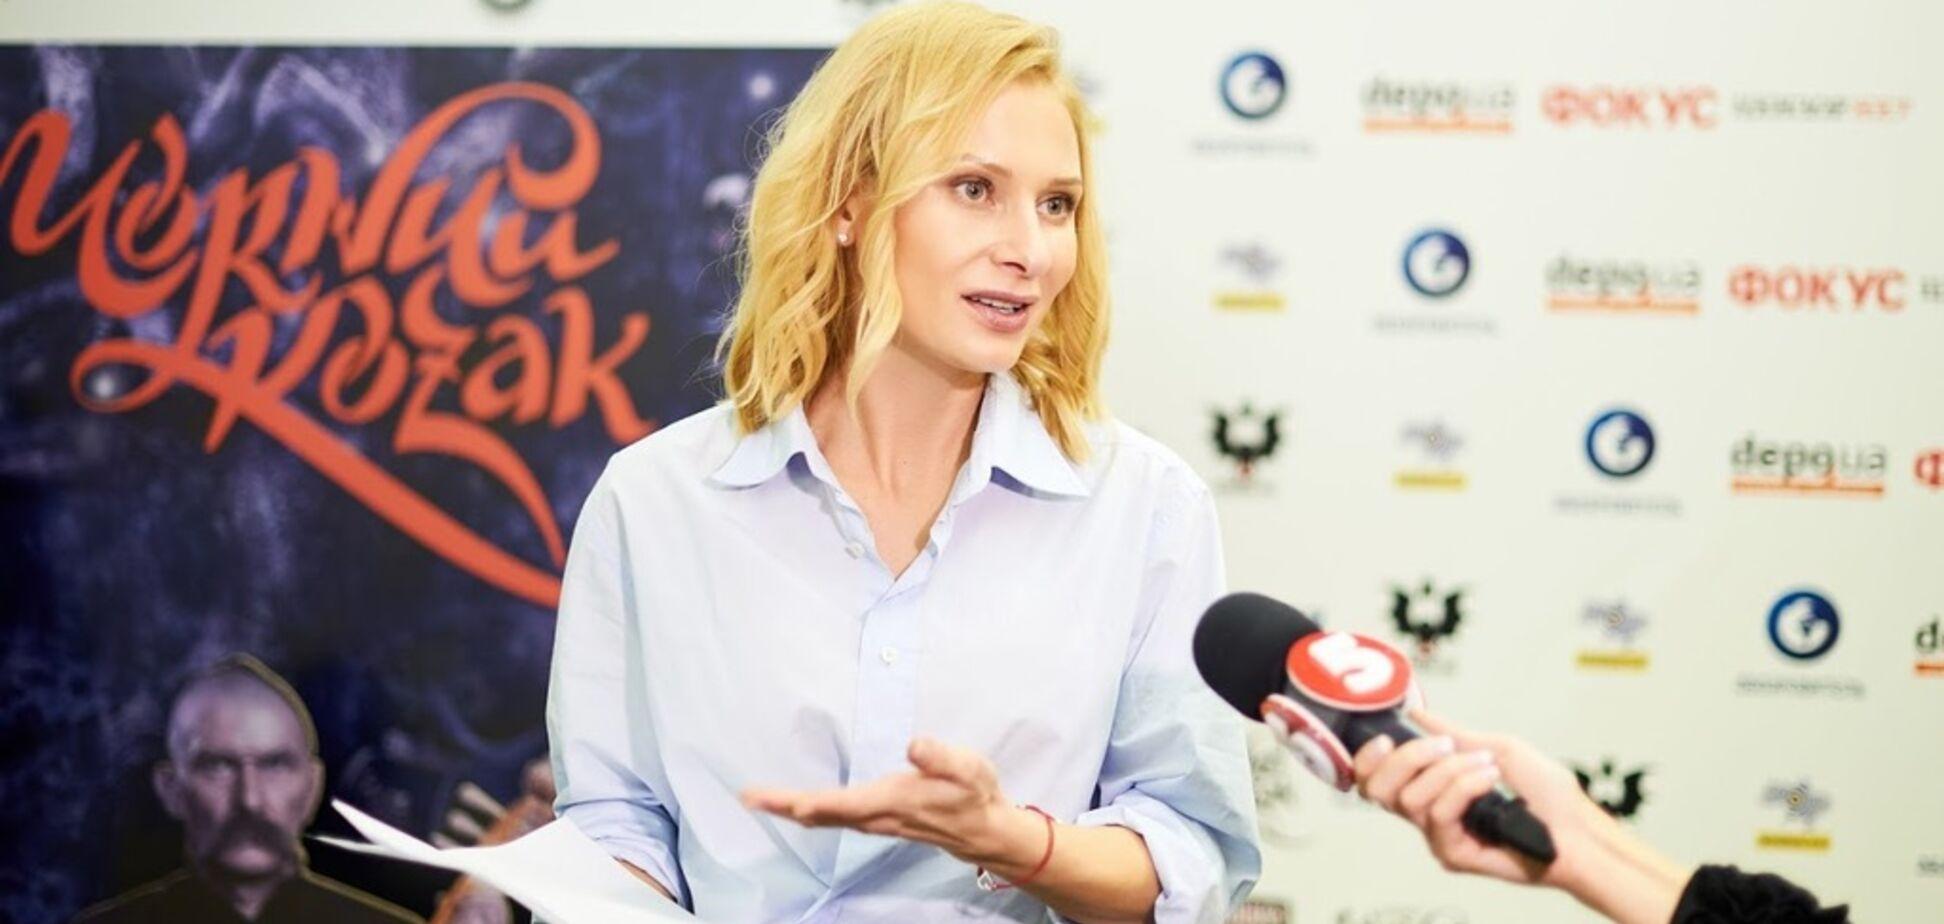 В Україні стартує показ містичного фільму 'Чорний Козак', який знімали 10 років